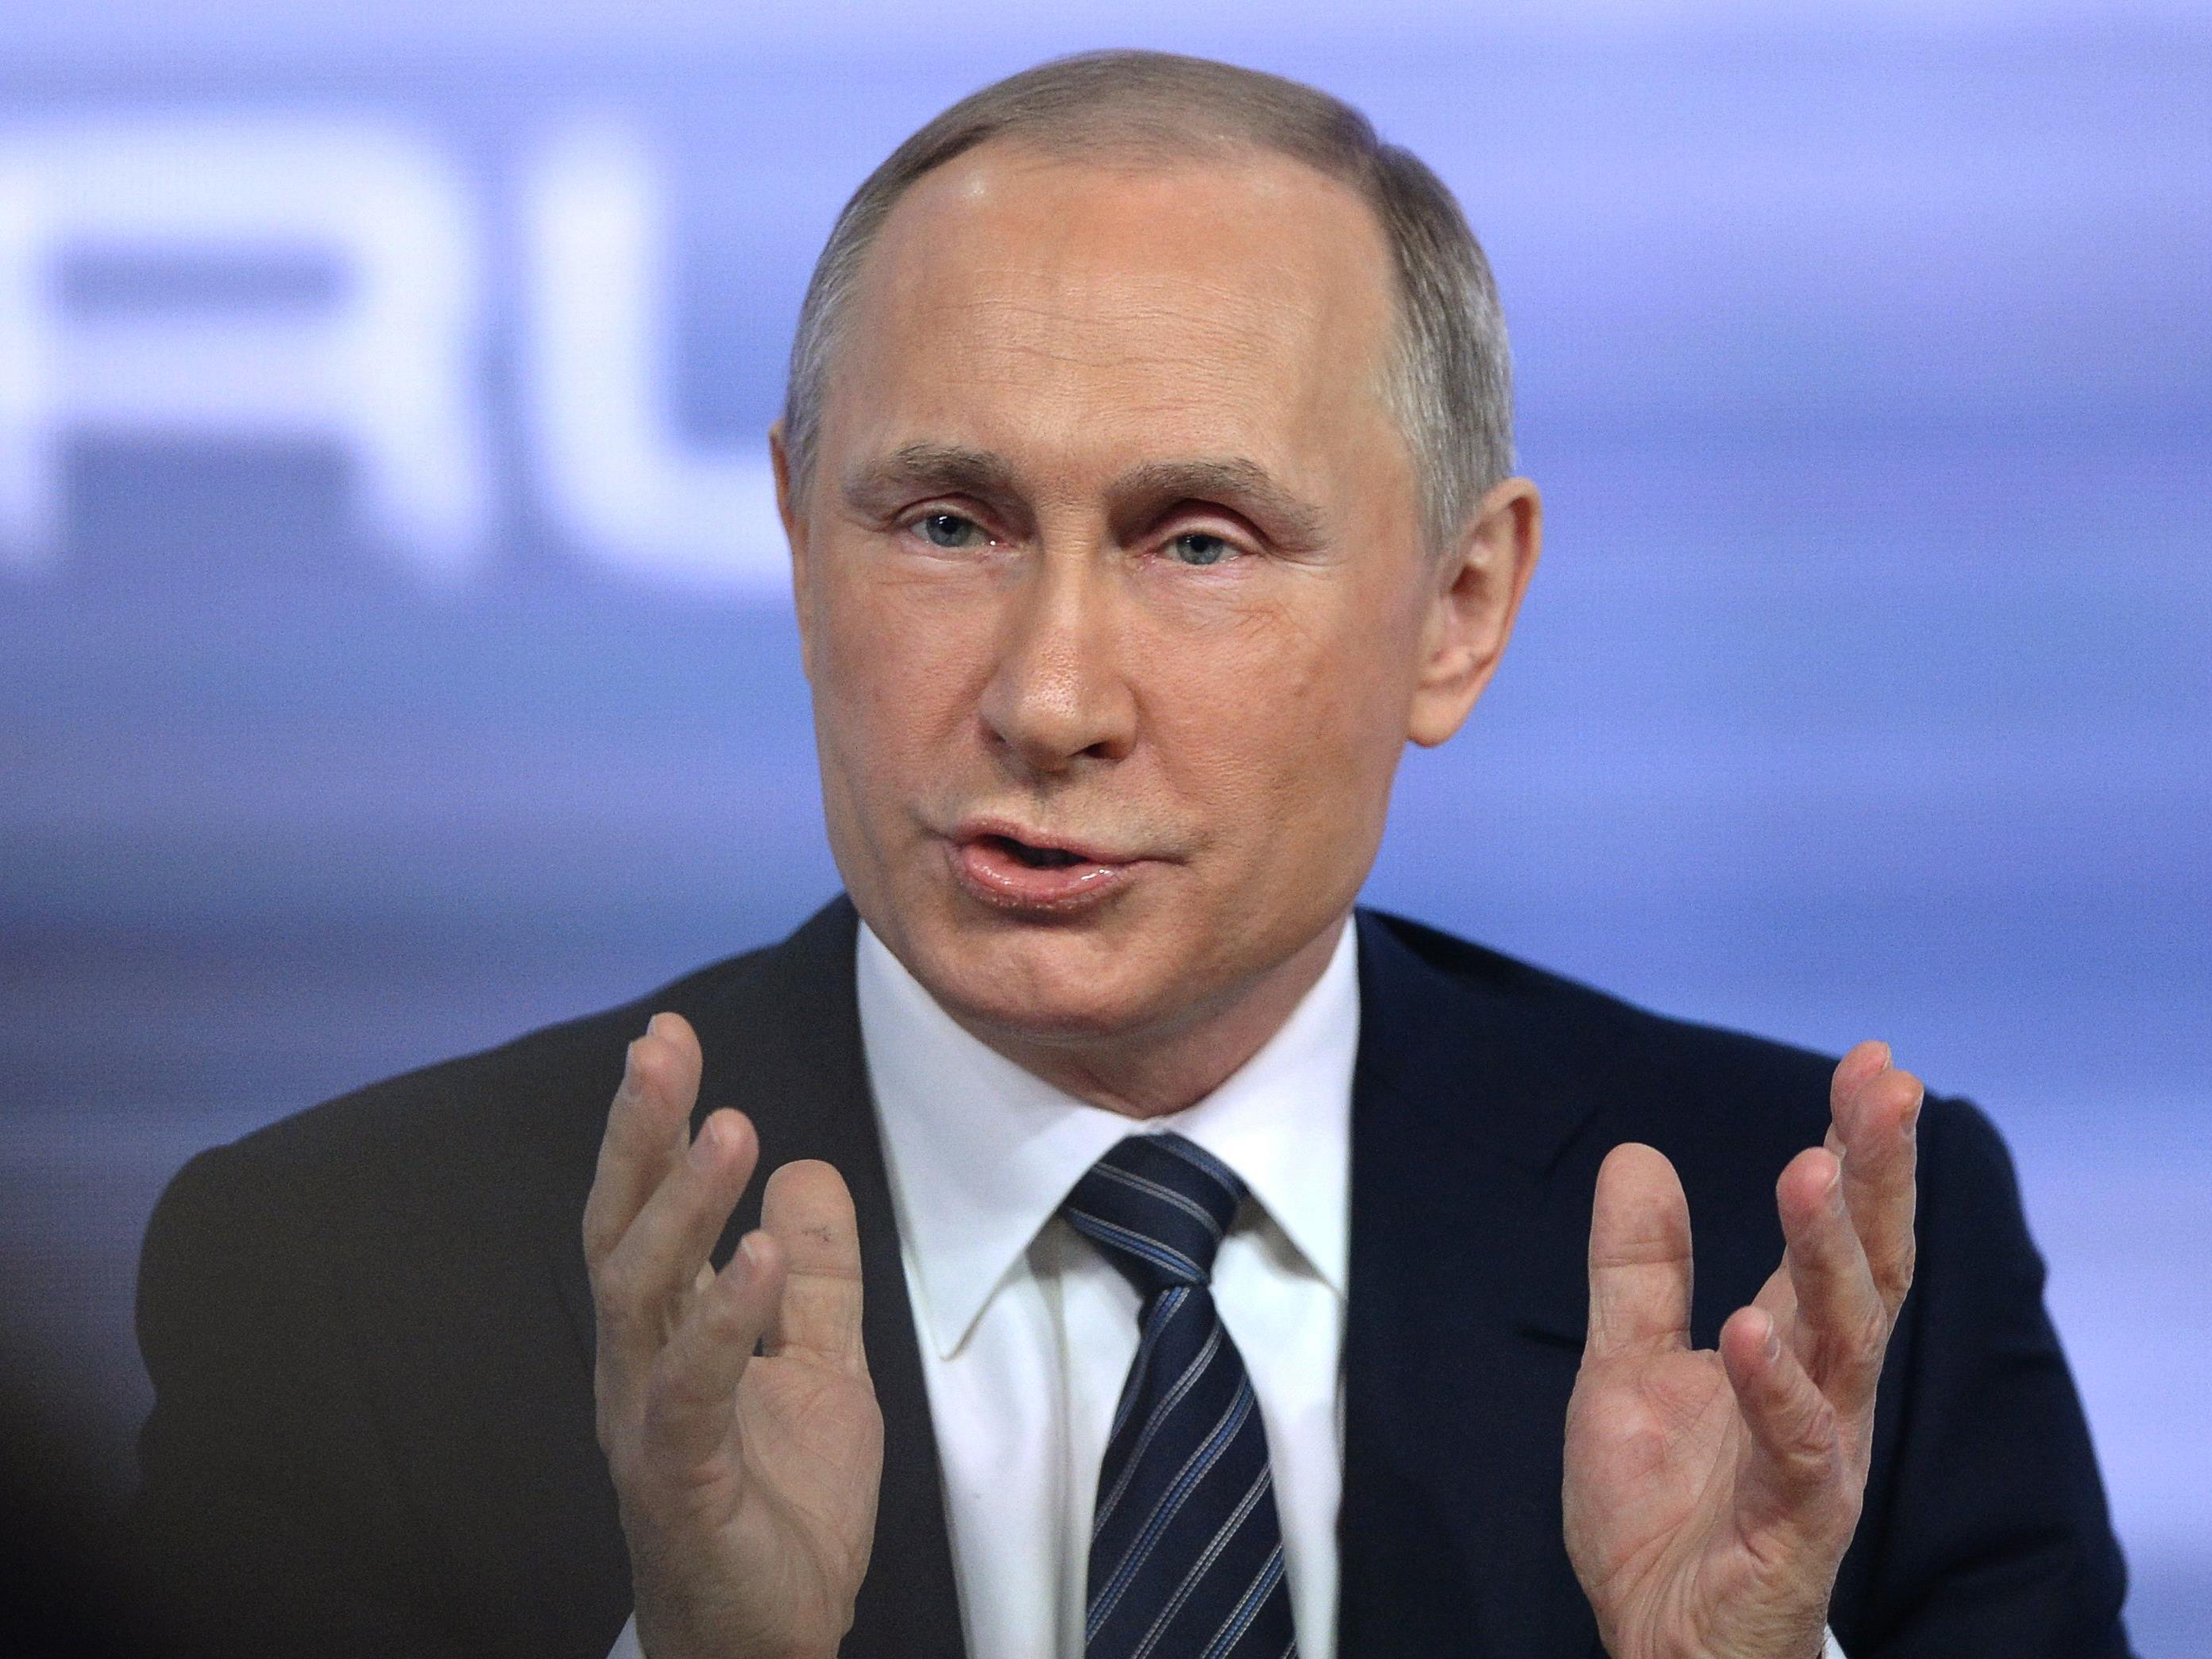 Kritik an seinem Vorgehen wies Putin zurück.